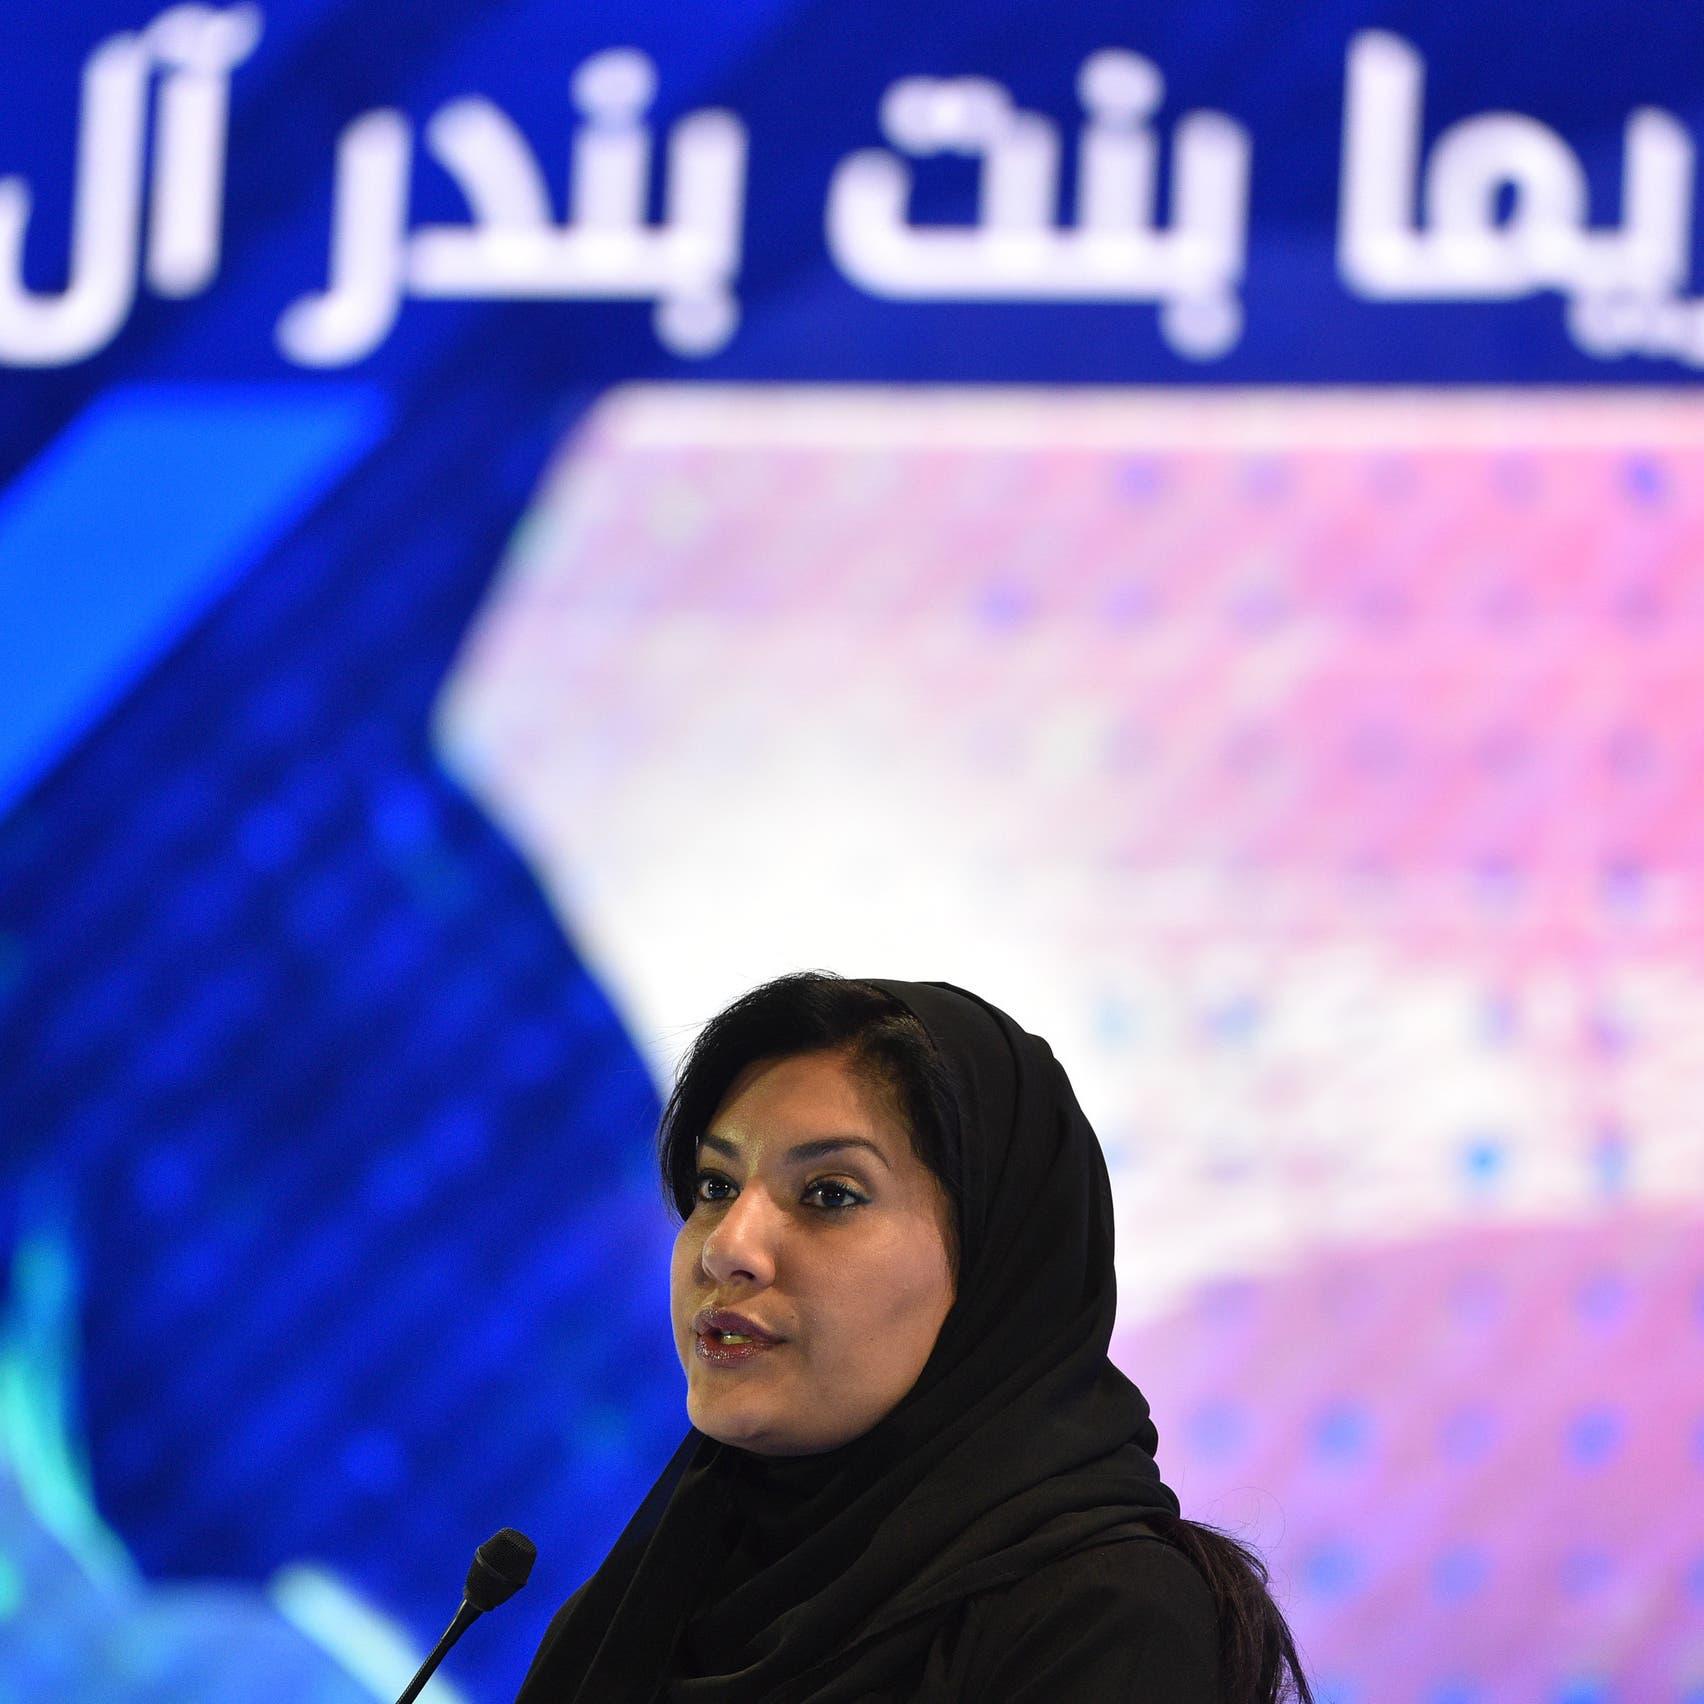 سفيرة السعودية بواشنطن: علاقتنا أعمق بكثير من رئيس أميركي واحد